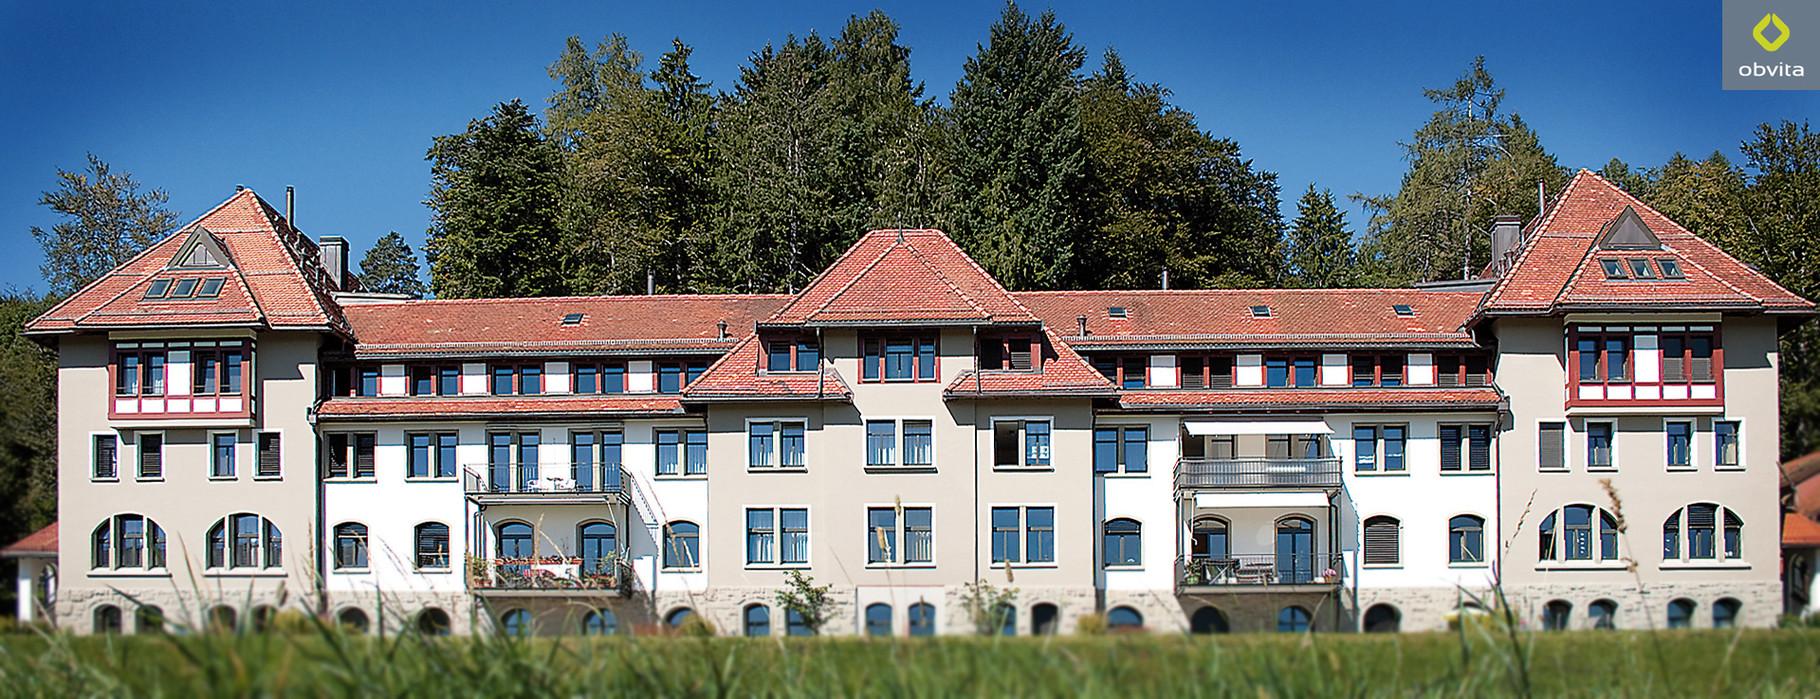 Systemische Weiterbildungen & Führungskräfteentwicklung für OBVITA St. Gallen